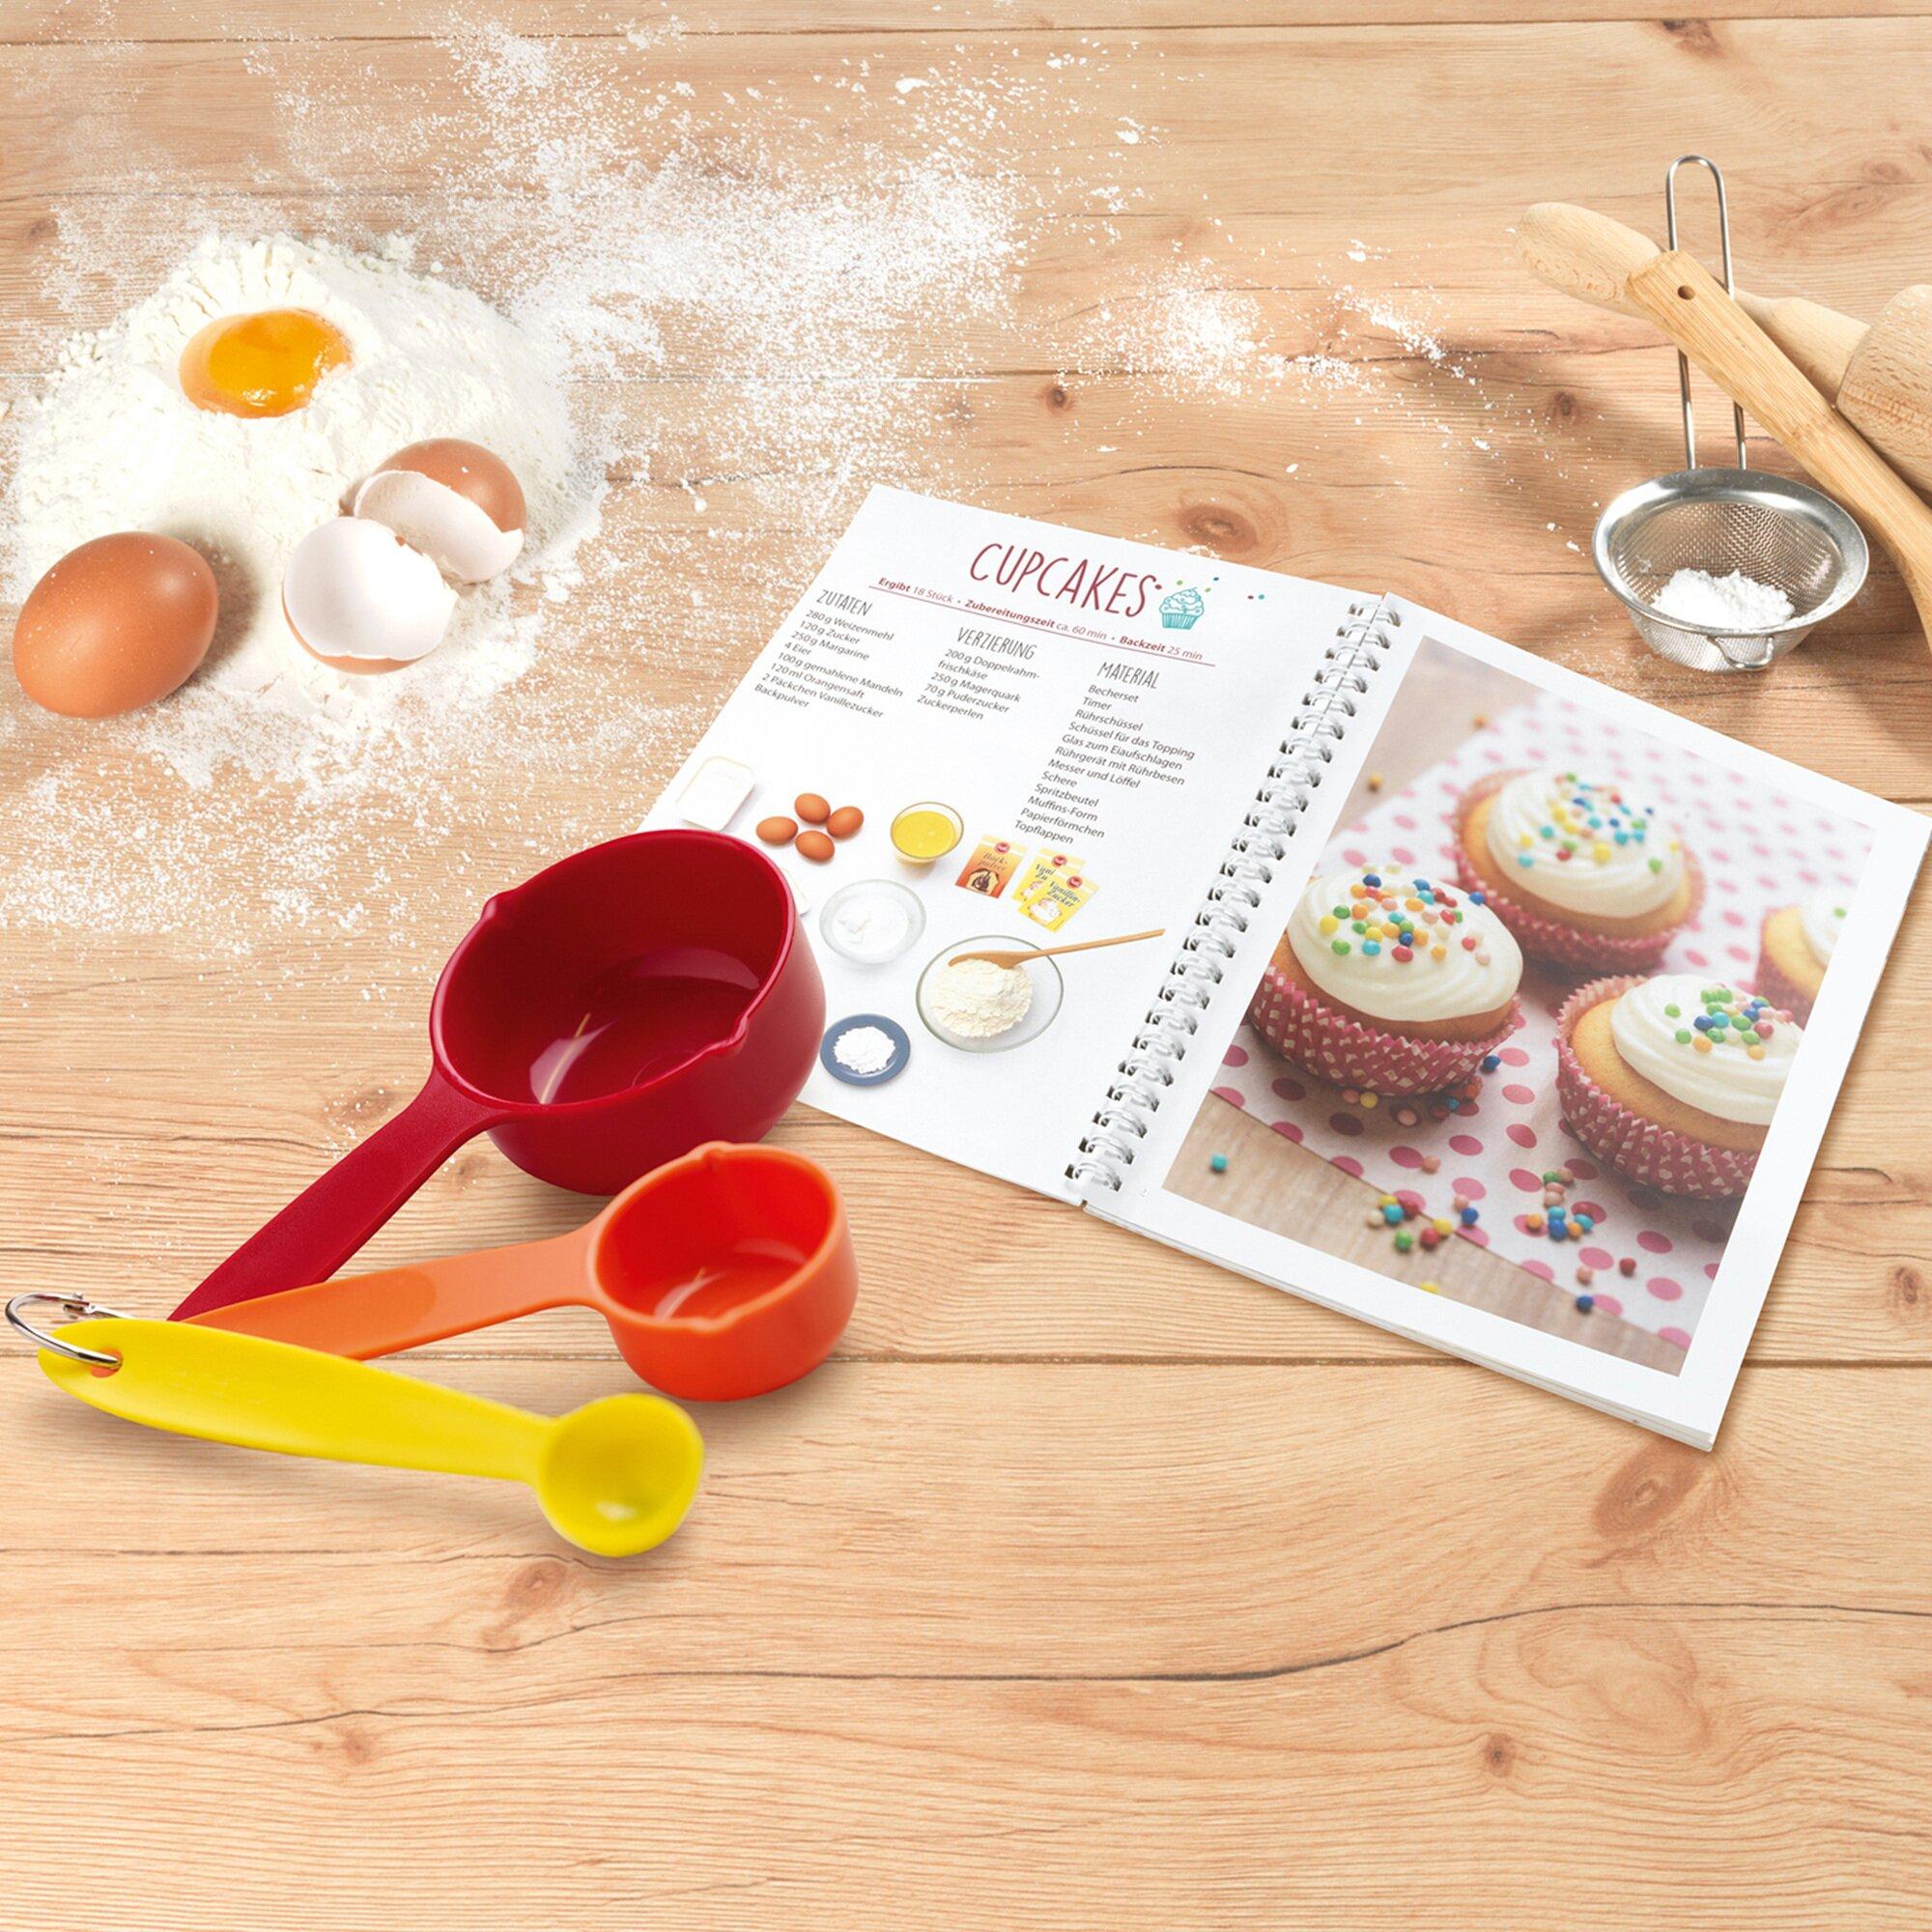 4-tlg-back-set-kinderleichte-becherkuche-kuchen